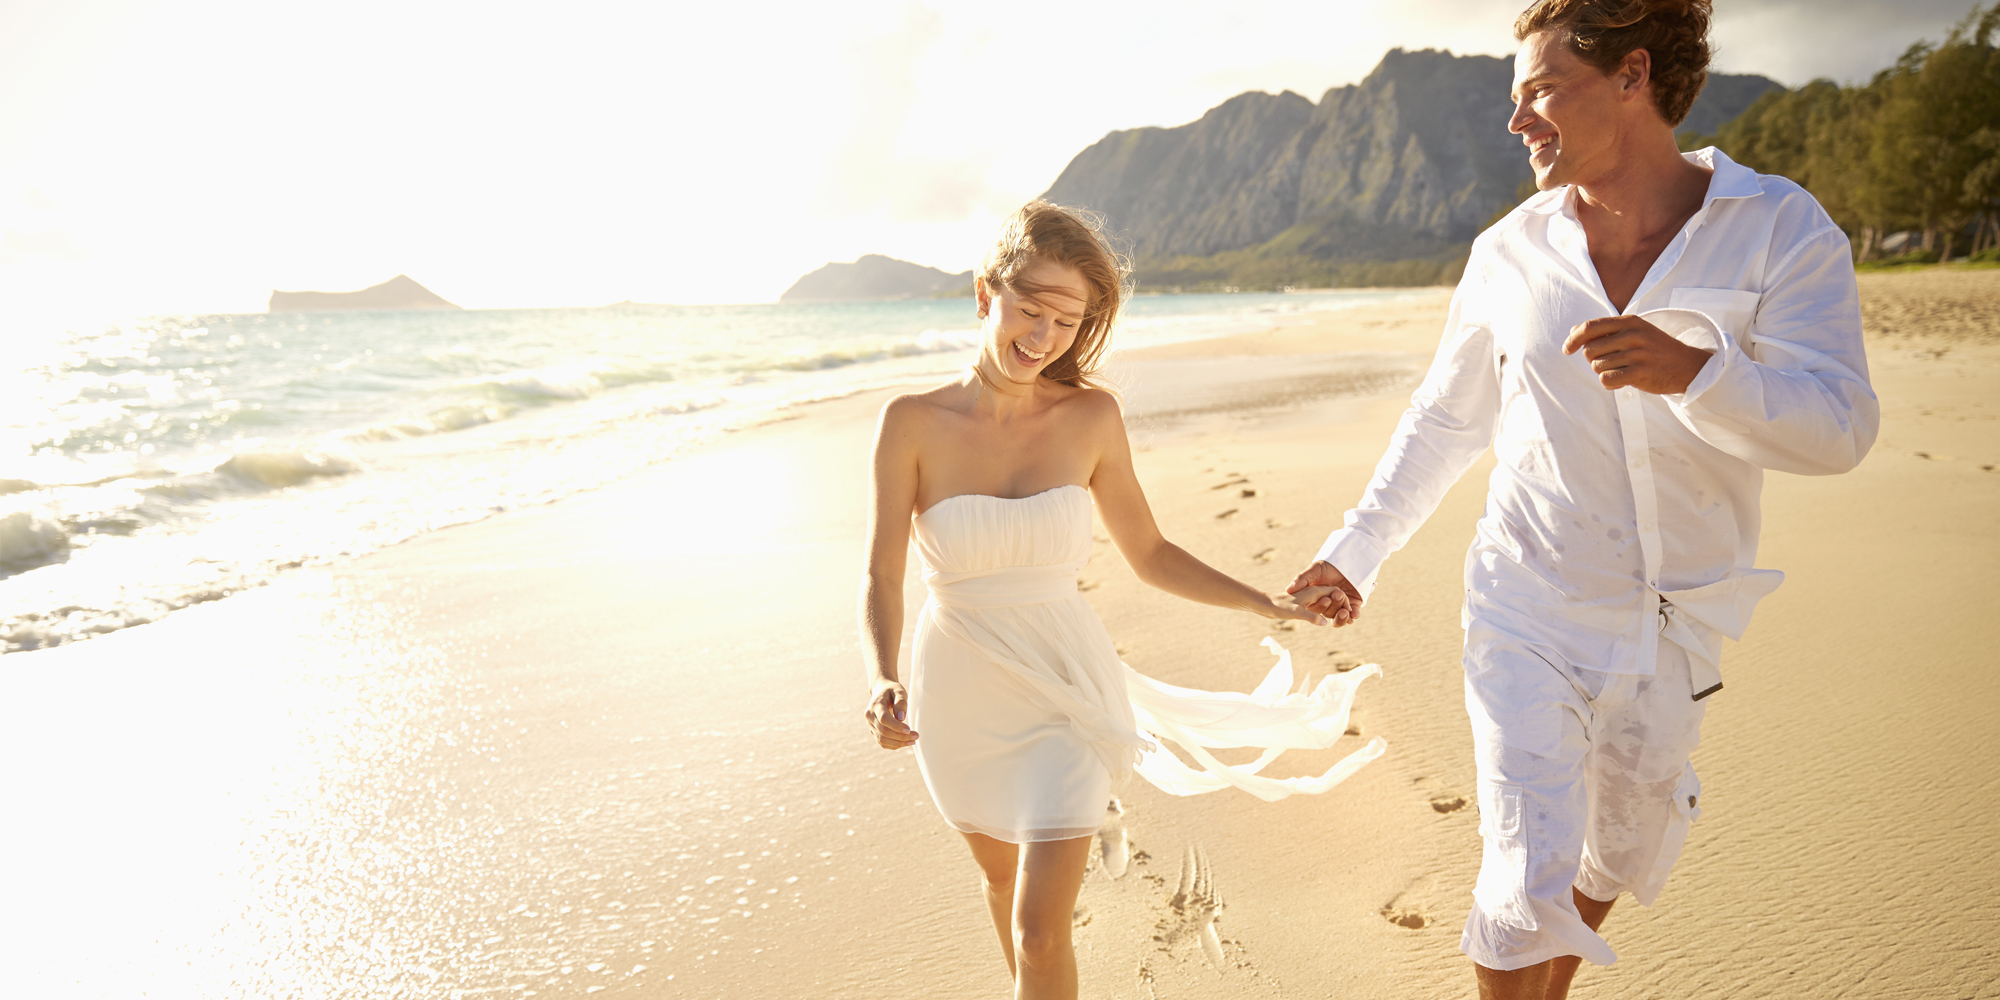 Matrimonio In Spiaggia Abiti : Matrimonio in spiaggia abiti da sposa per celebrare